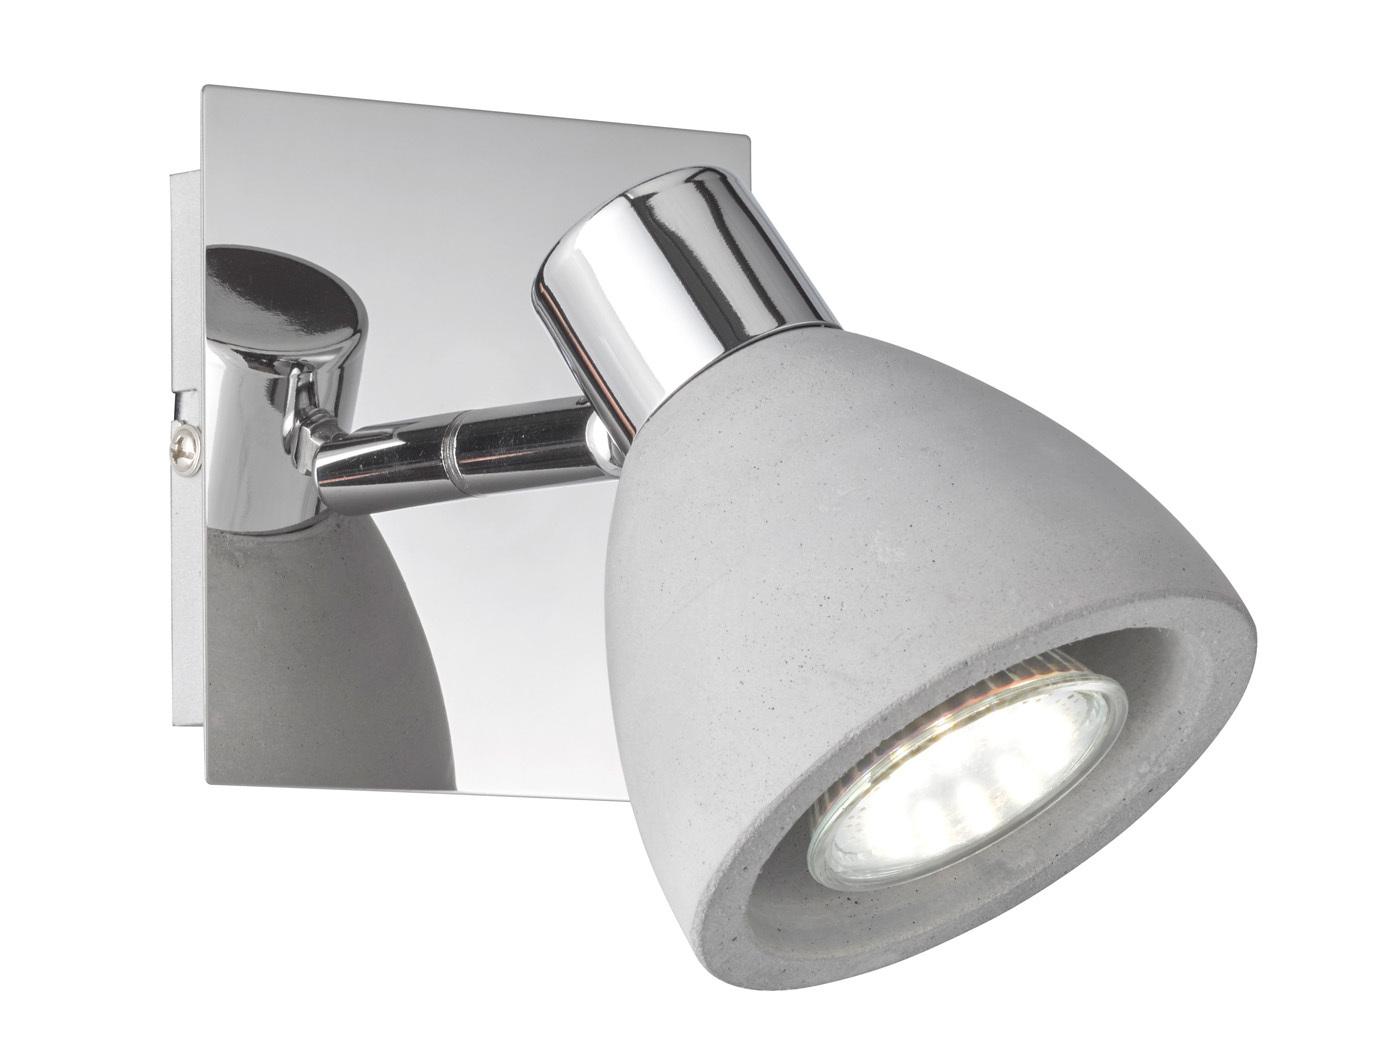 Vaak Retro Wandstrahler Lampenschirm Beton Spot schwenkbar GU10 DO02